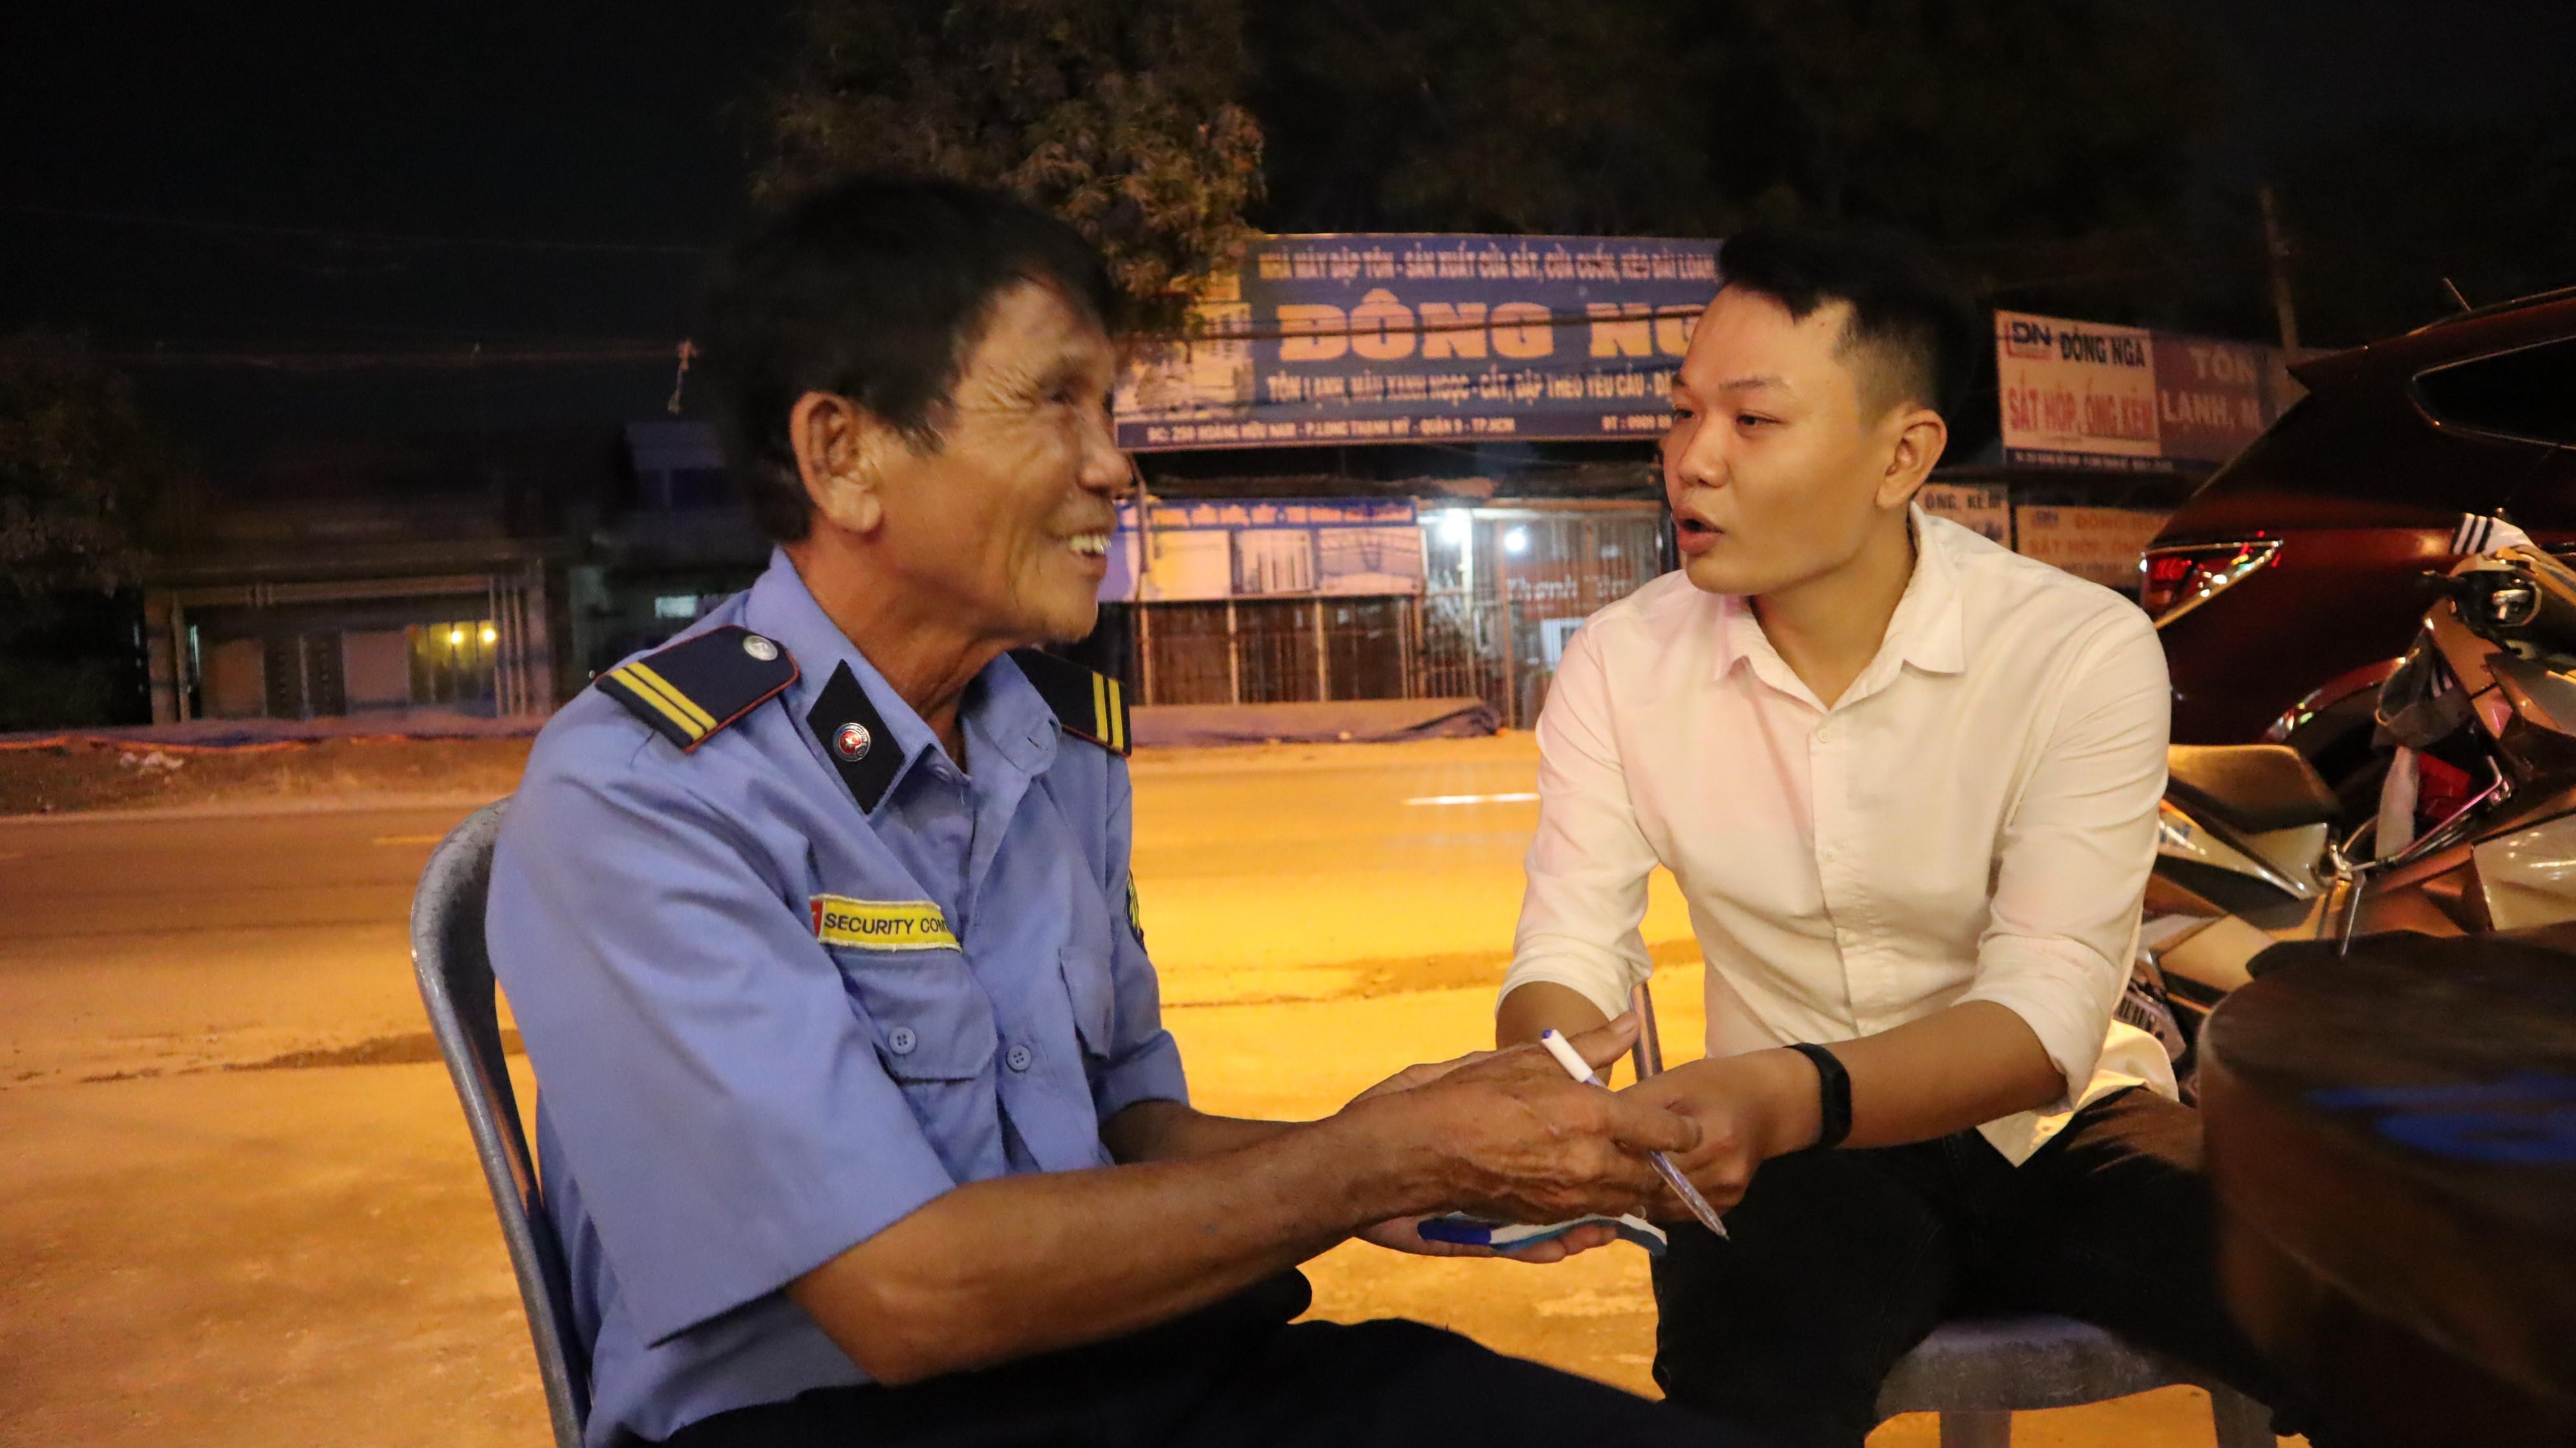 Bảo vệ già ở Sài Gòn bị dàn cảnh trộm xe SH: Không nhận thêm tiền, giúp lại người khác Ảnh 2